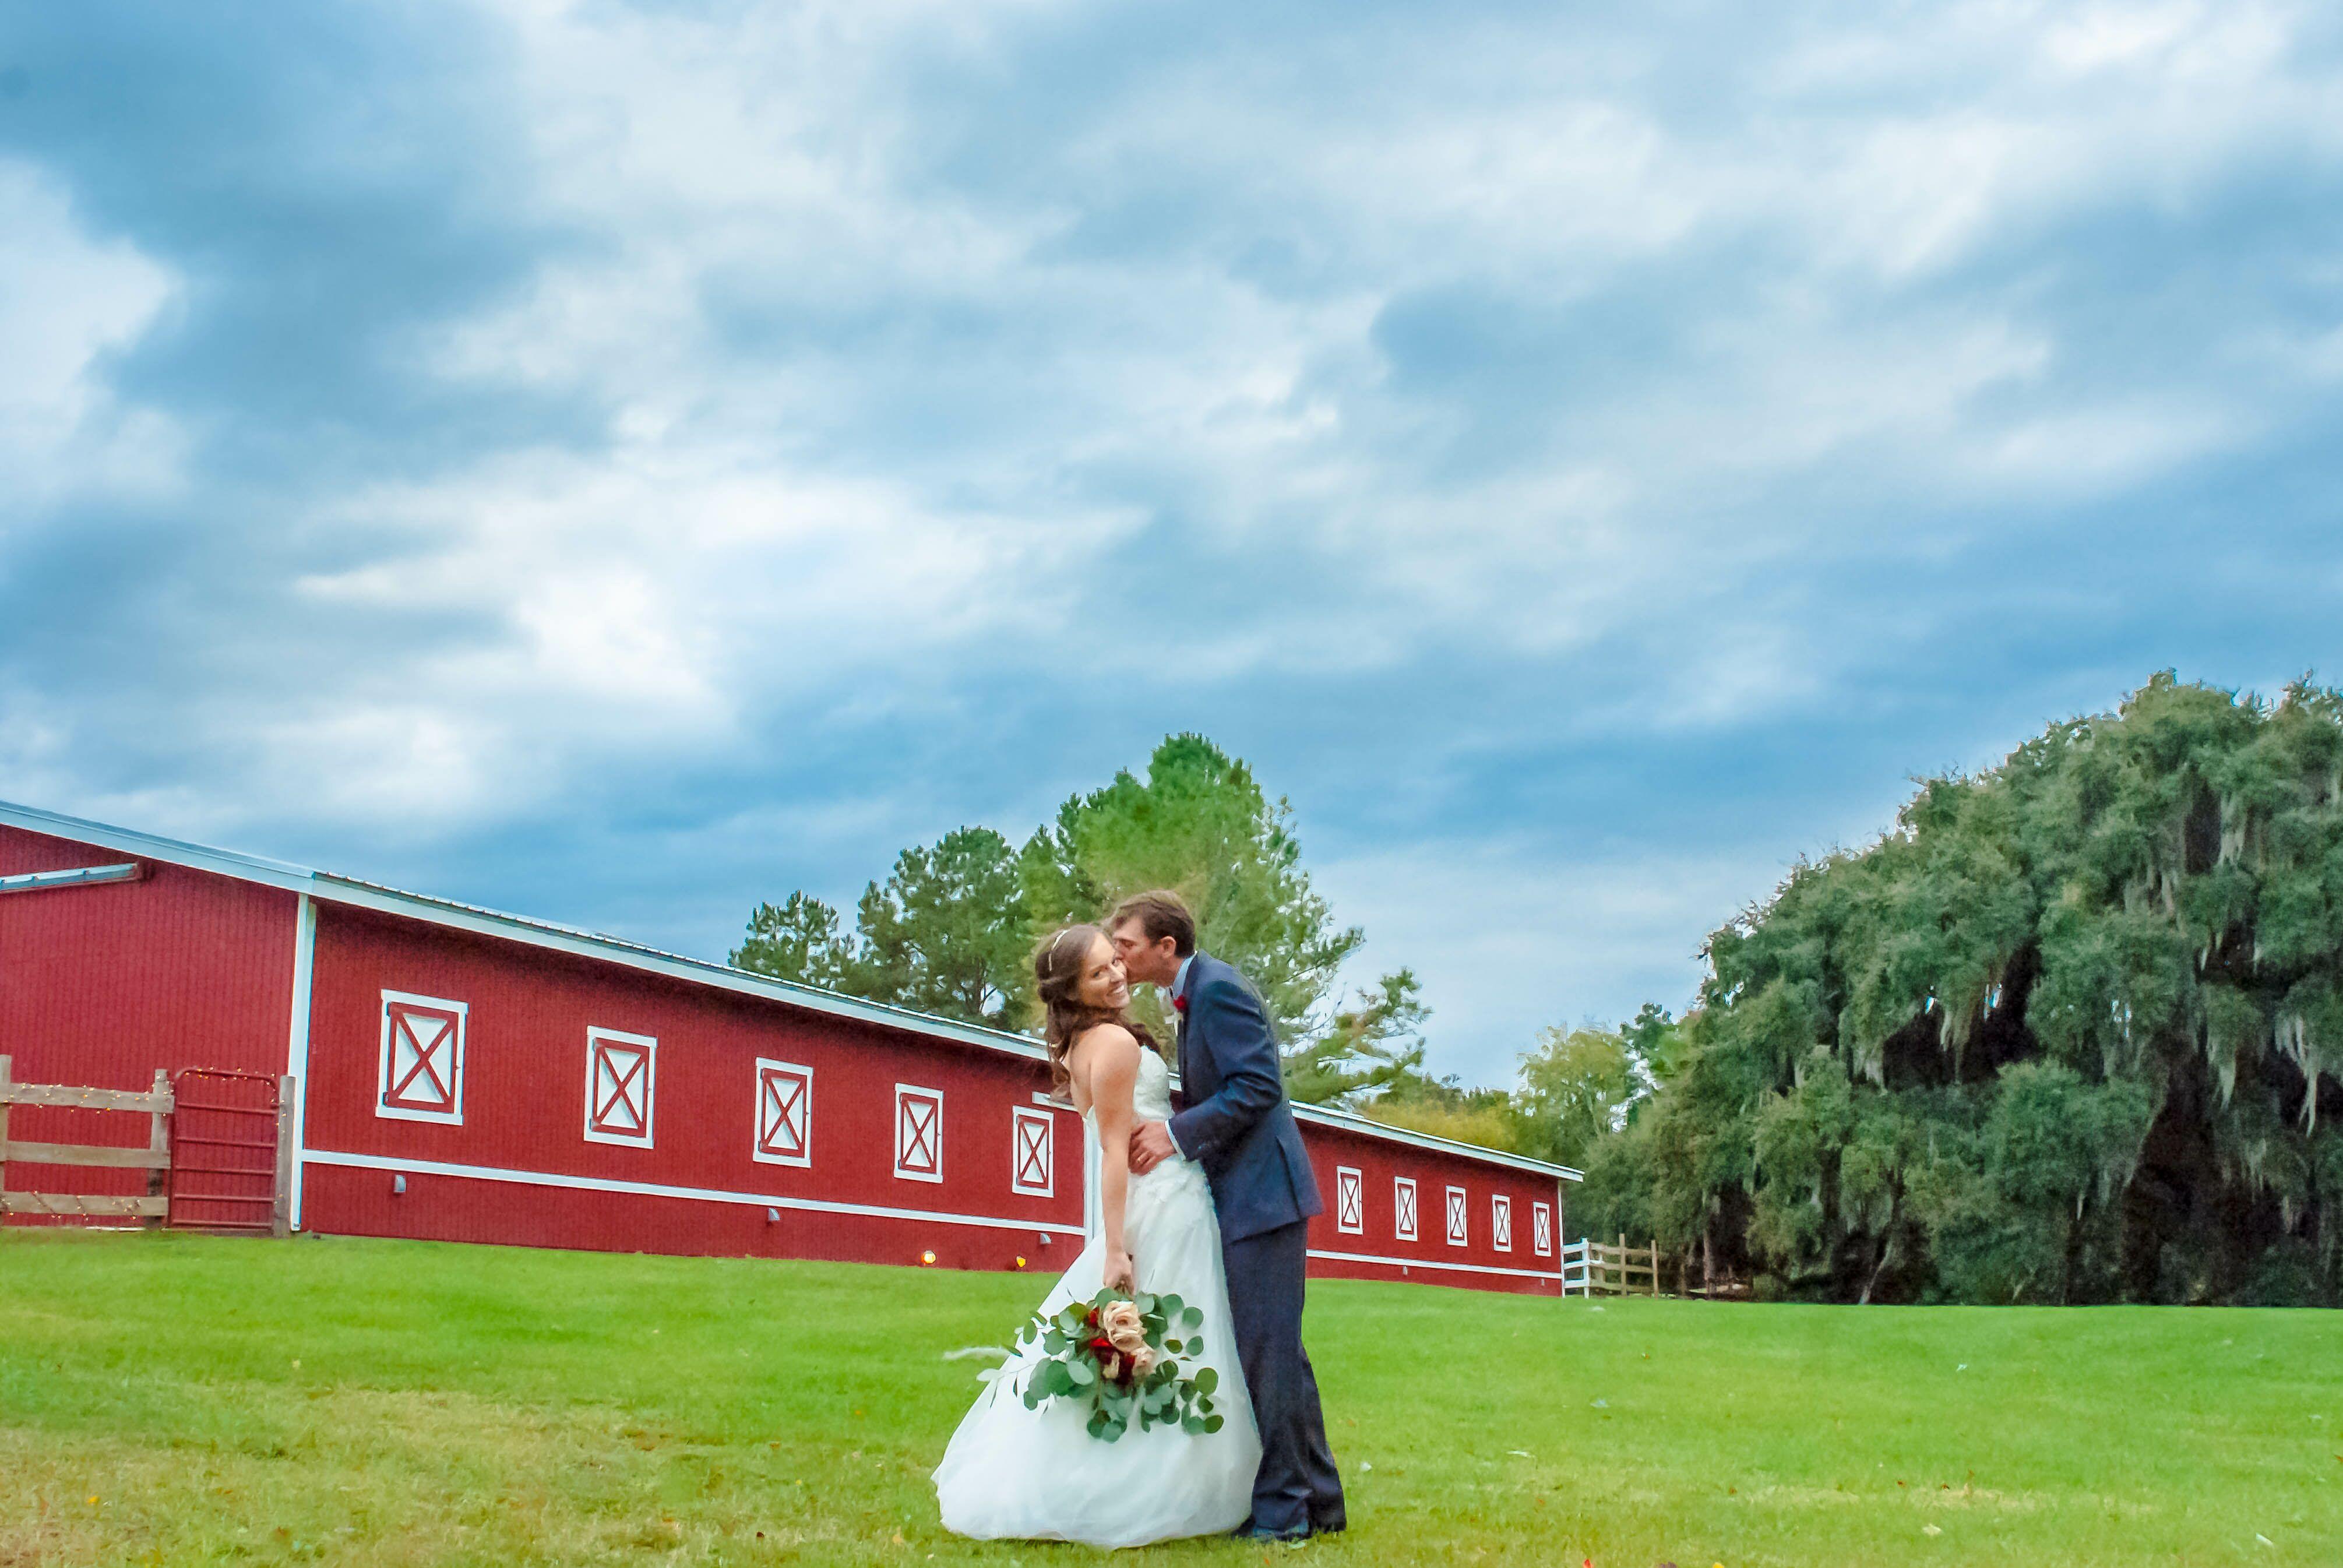 Wedding Reception Venues In Savannah GA